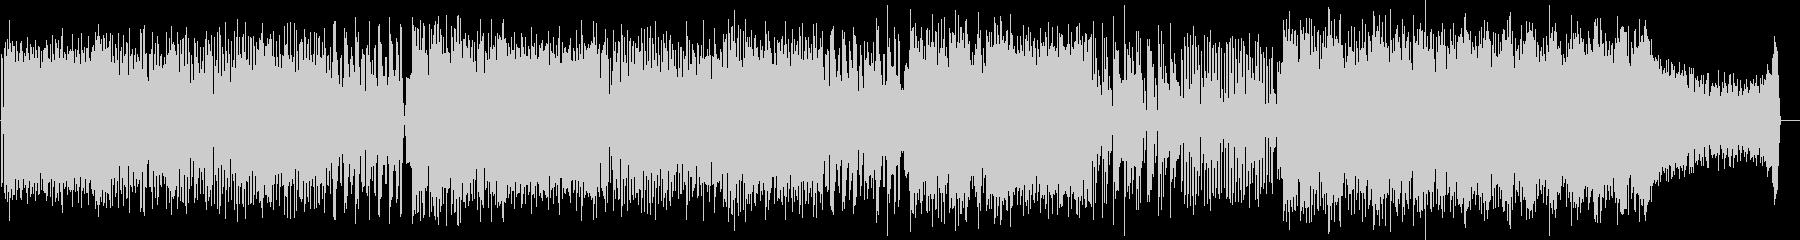 ホリデイの未再生の波形